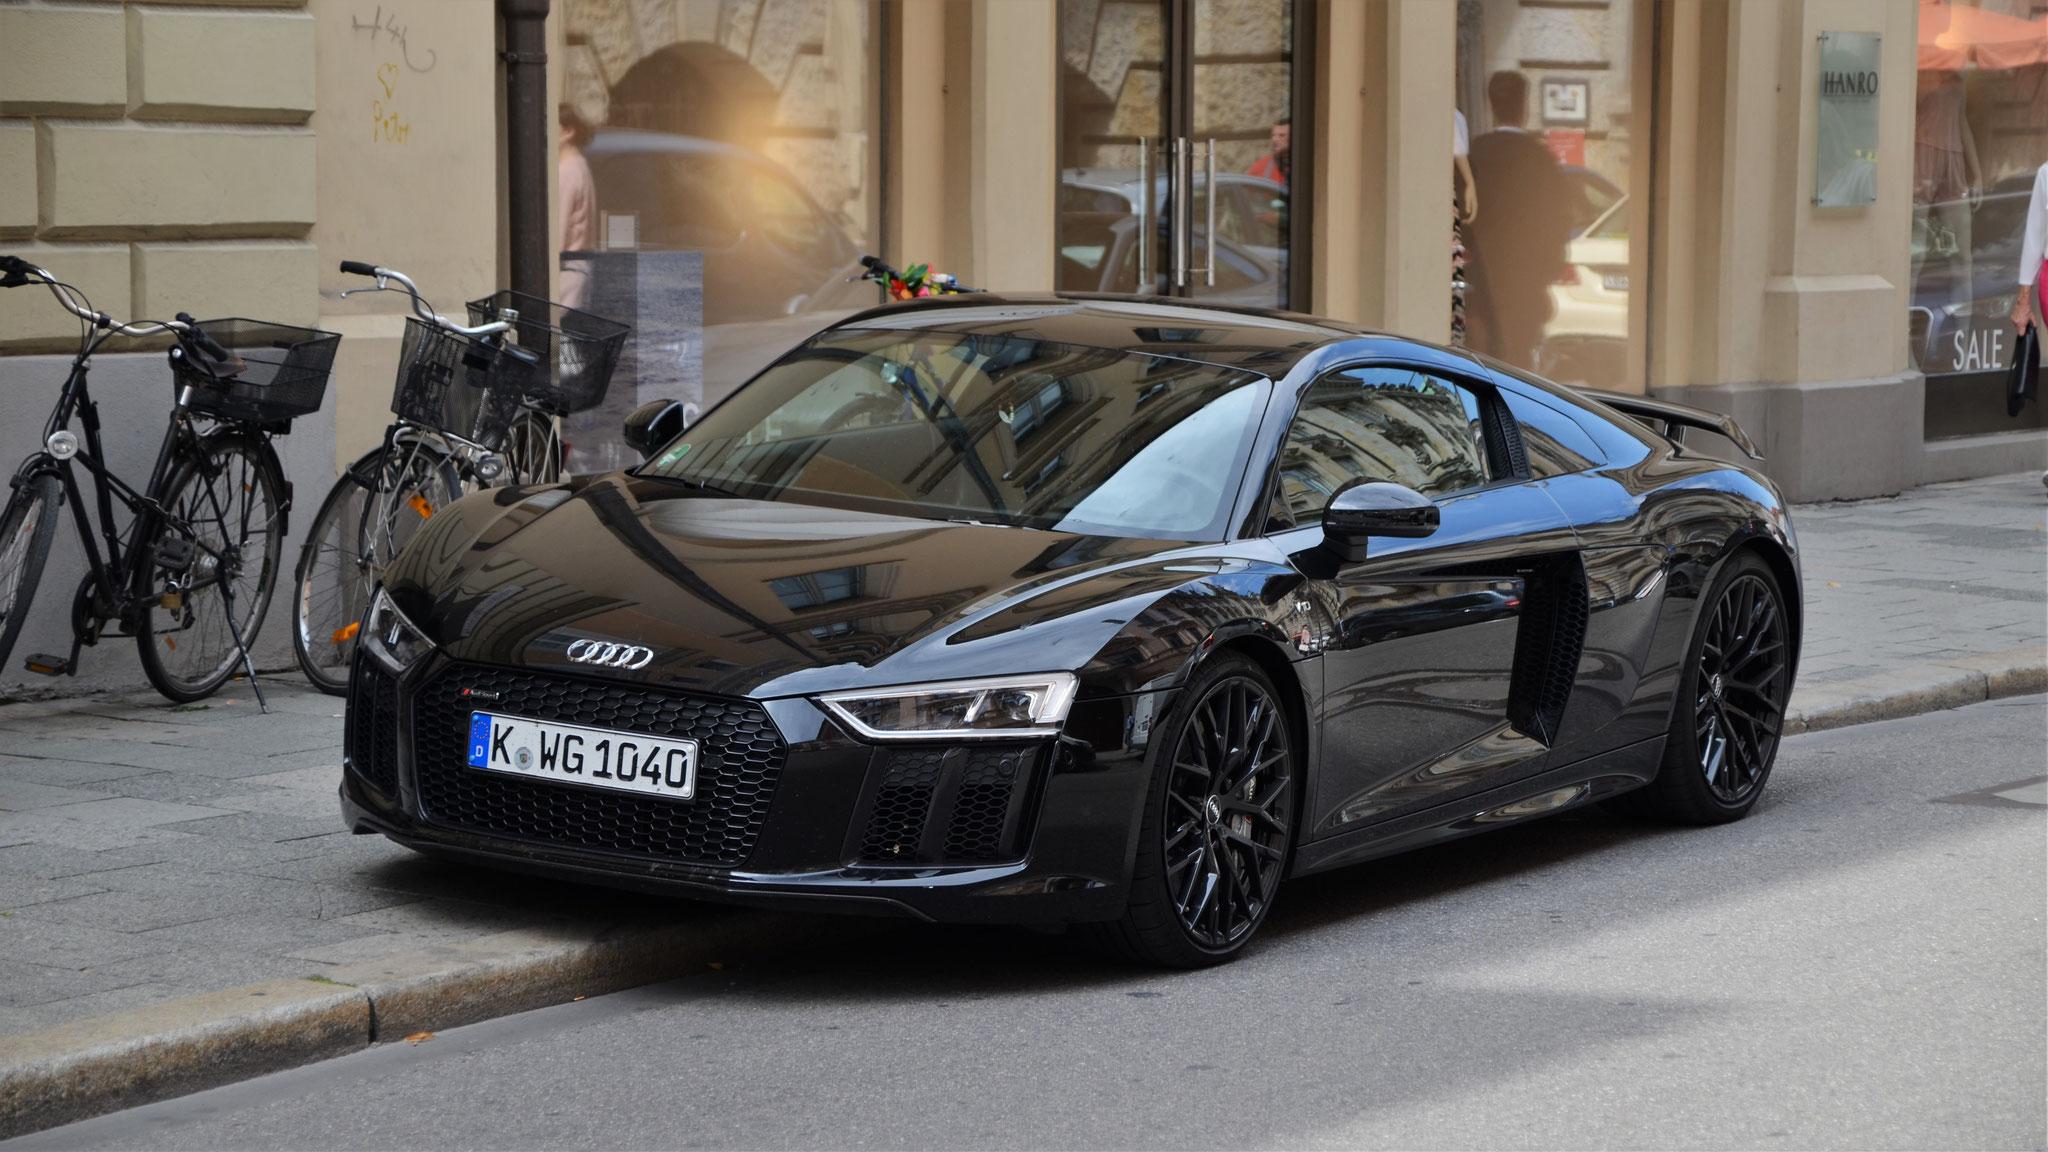 Audi R8 V10 - K-WG-1040